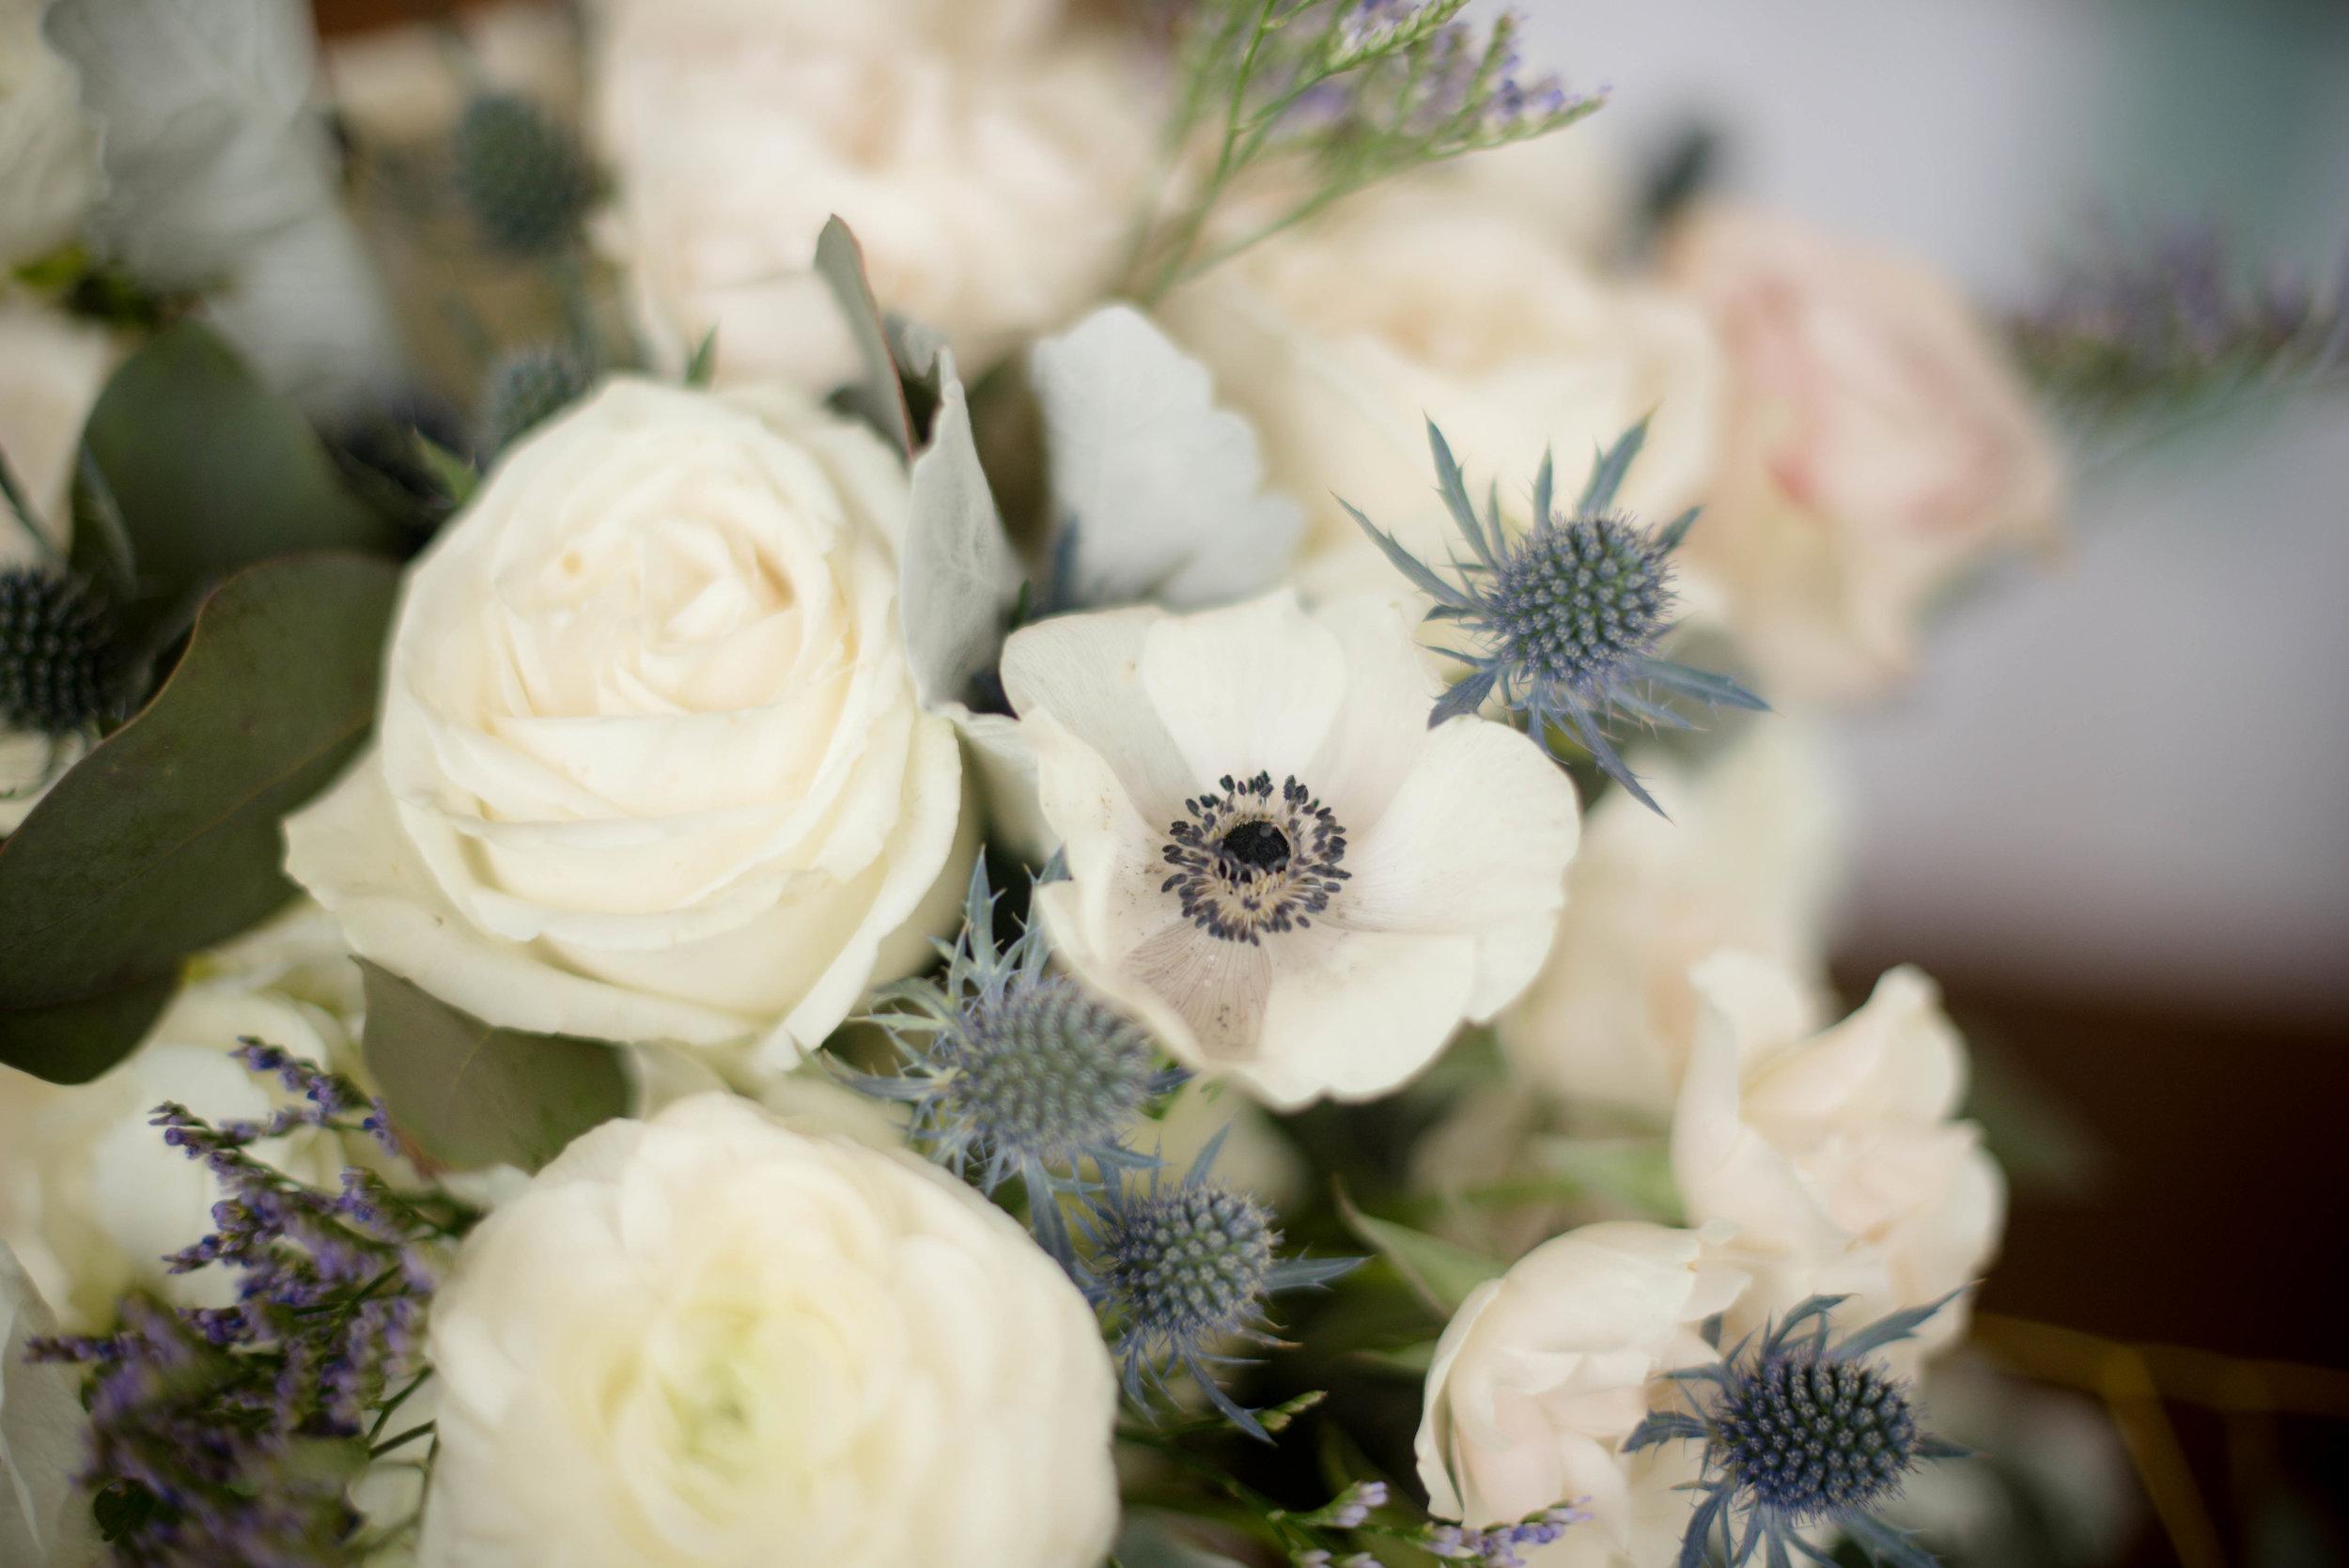 blue-ridge-wedding-ashley-nicole-photography-restoration-hall-crozetphotography-restorationhall-charlottesville-wedding_details-22.jpg